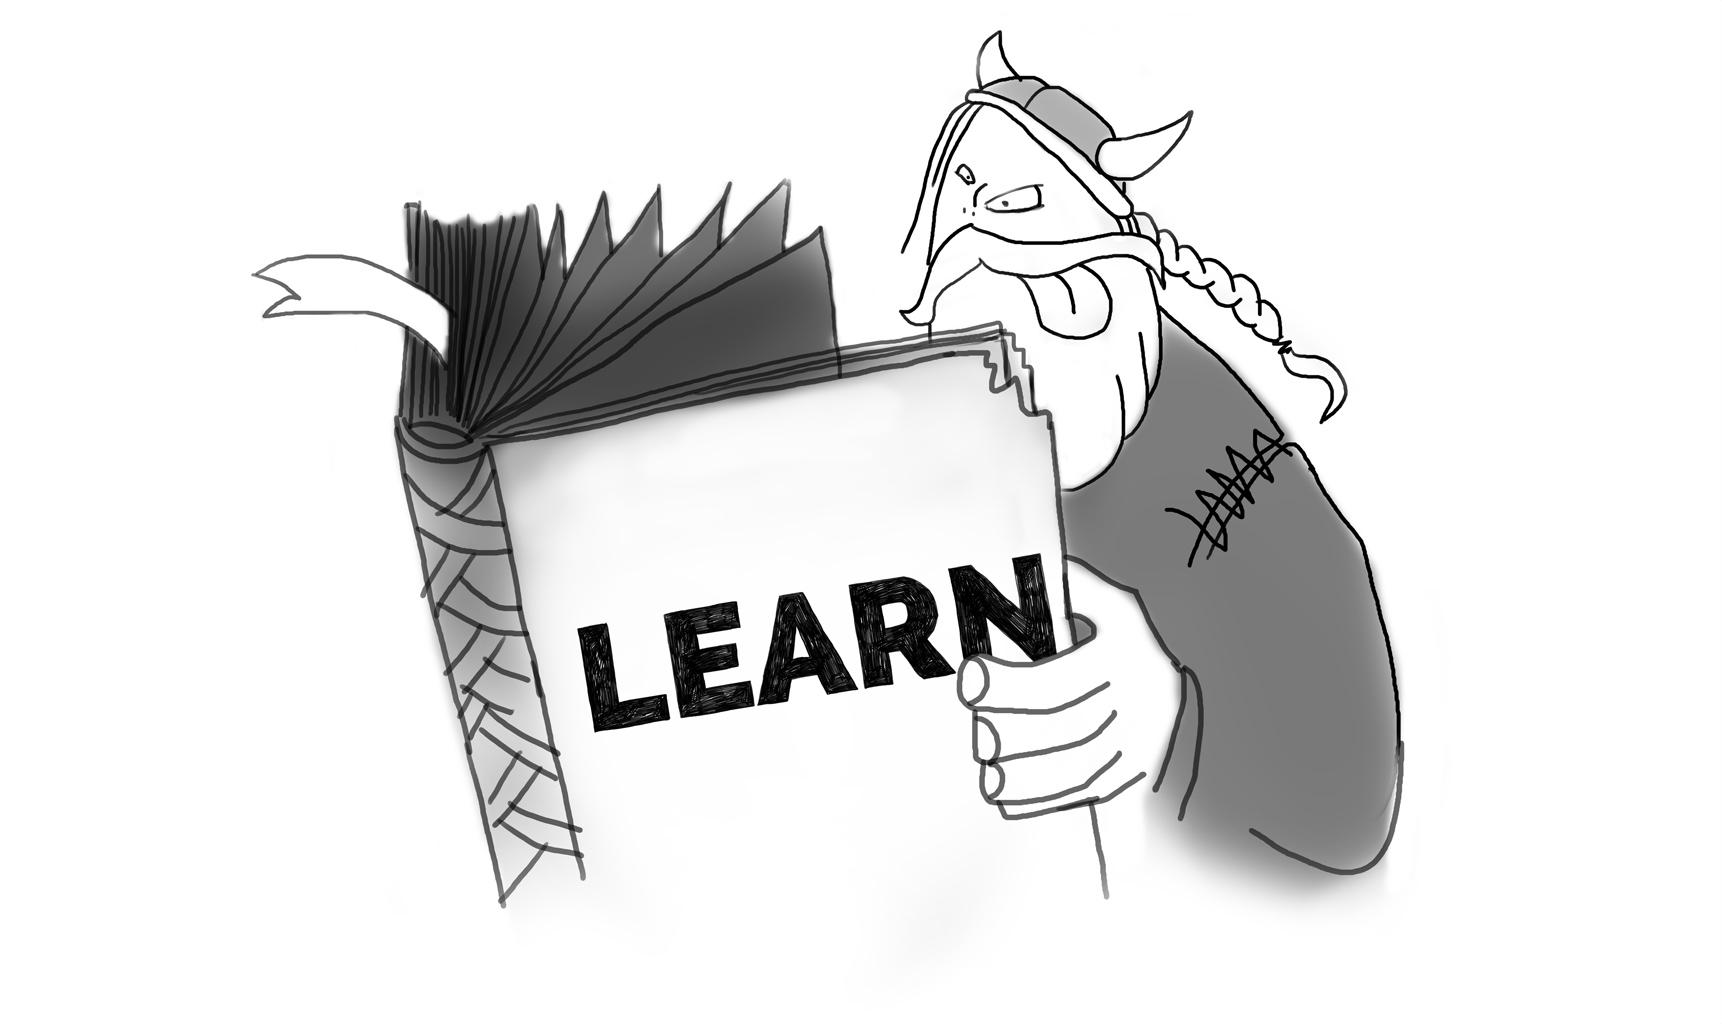 Learn CG